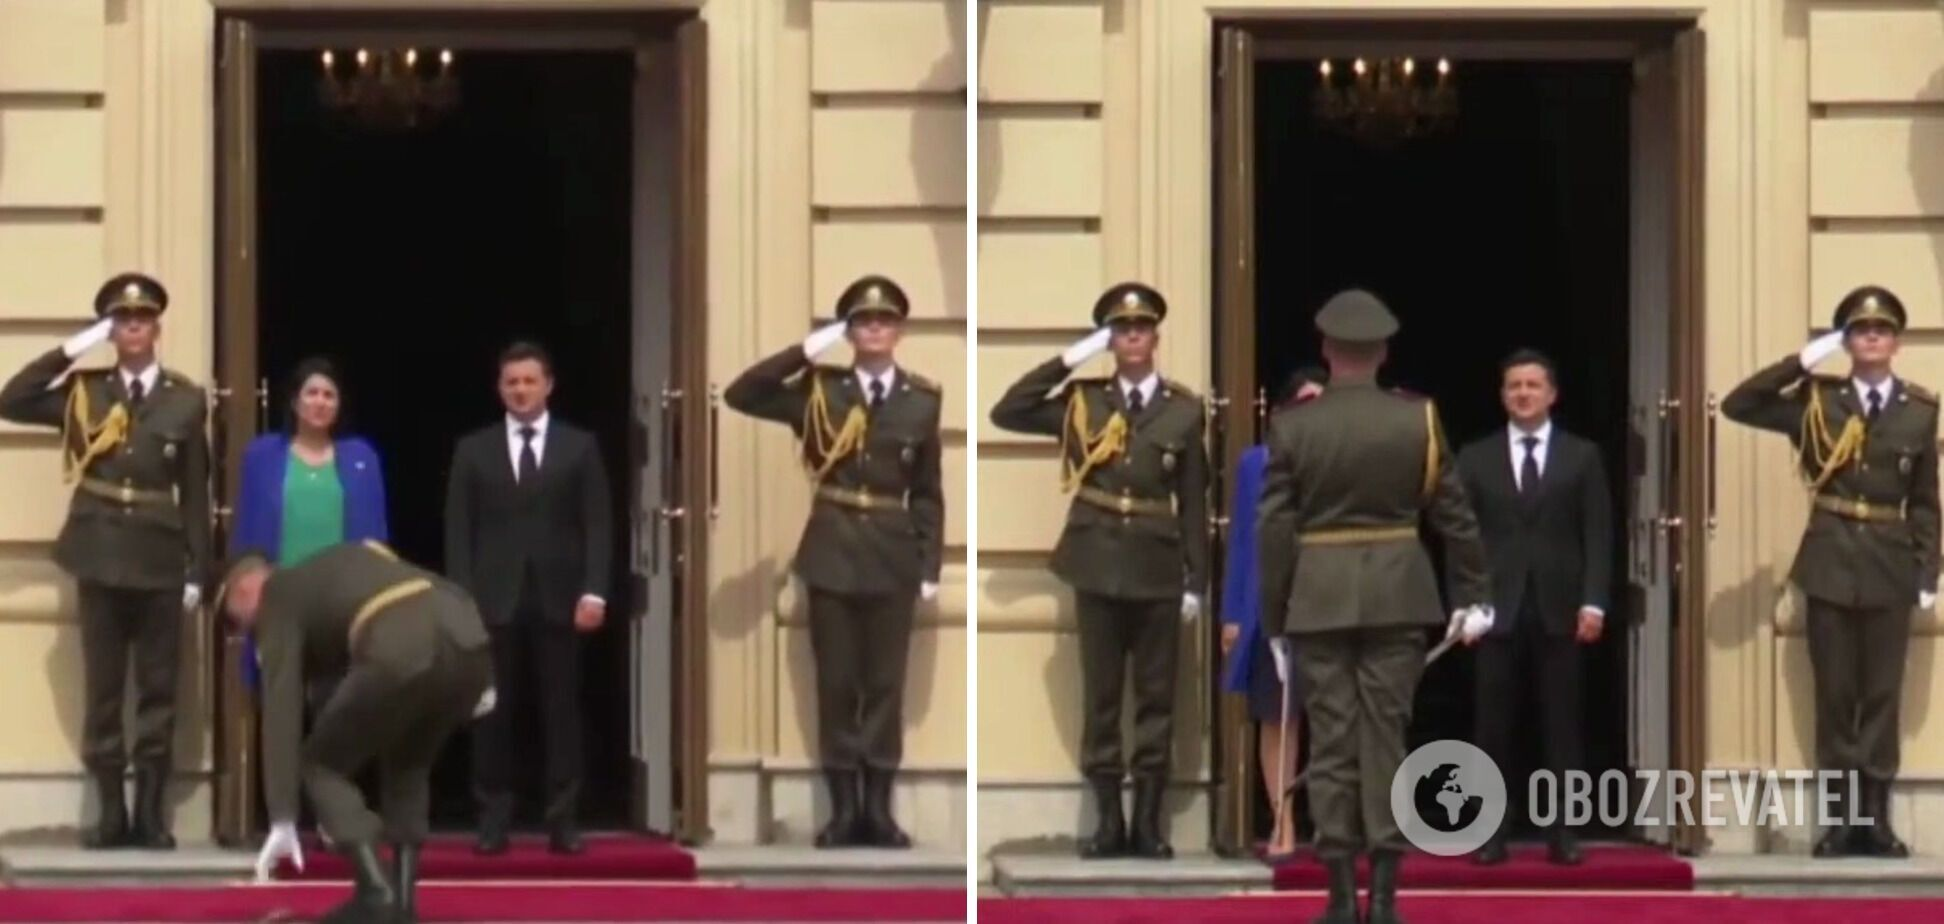 Курьез во время встречи Зурабишвили и Зеленского